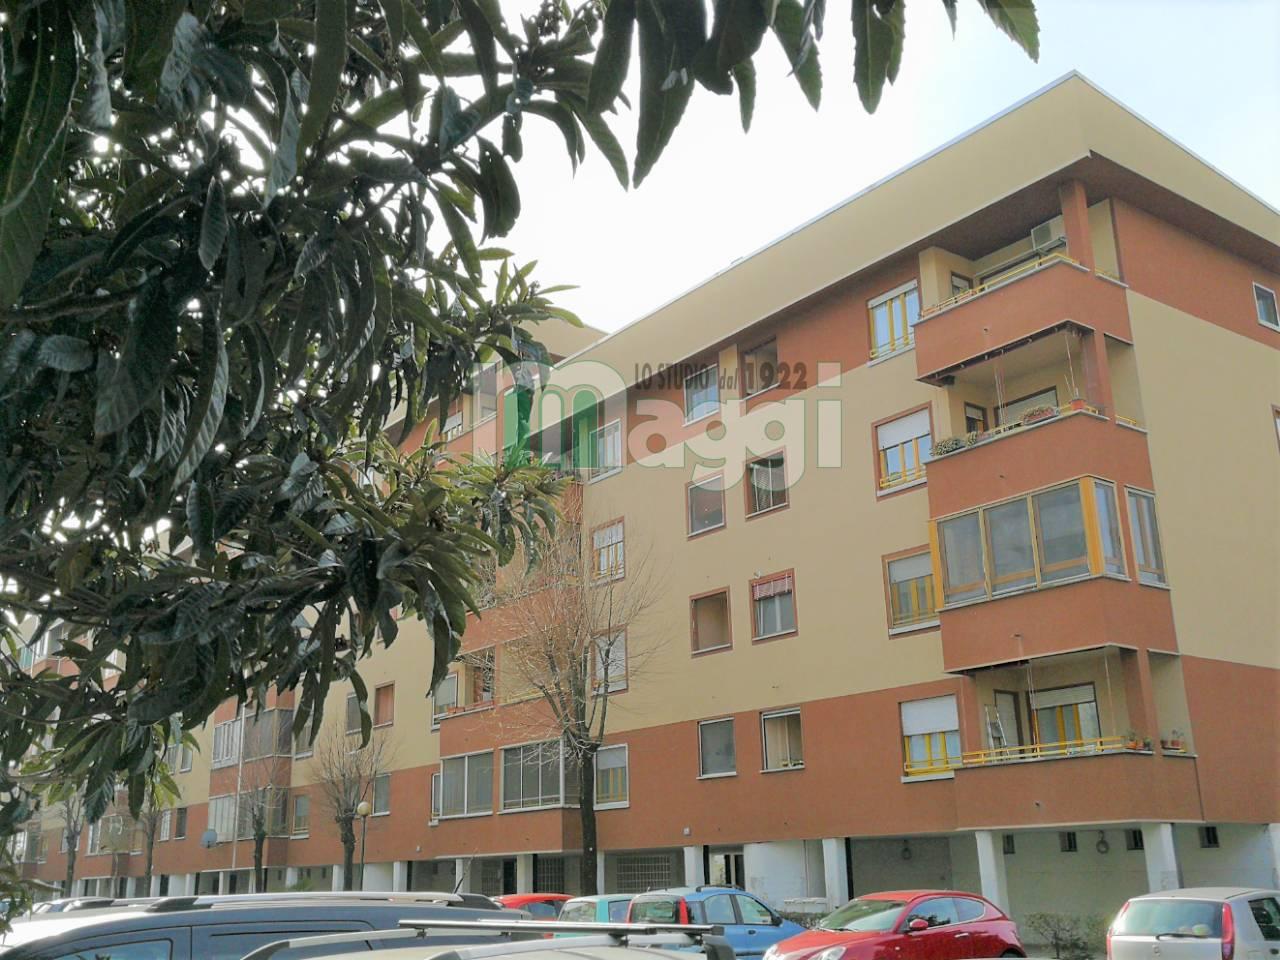 Appartamento in Vendita a Milano 23 Forlanini / Mecenate: 4 locali, 125 mq